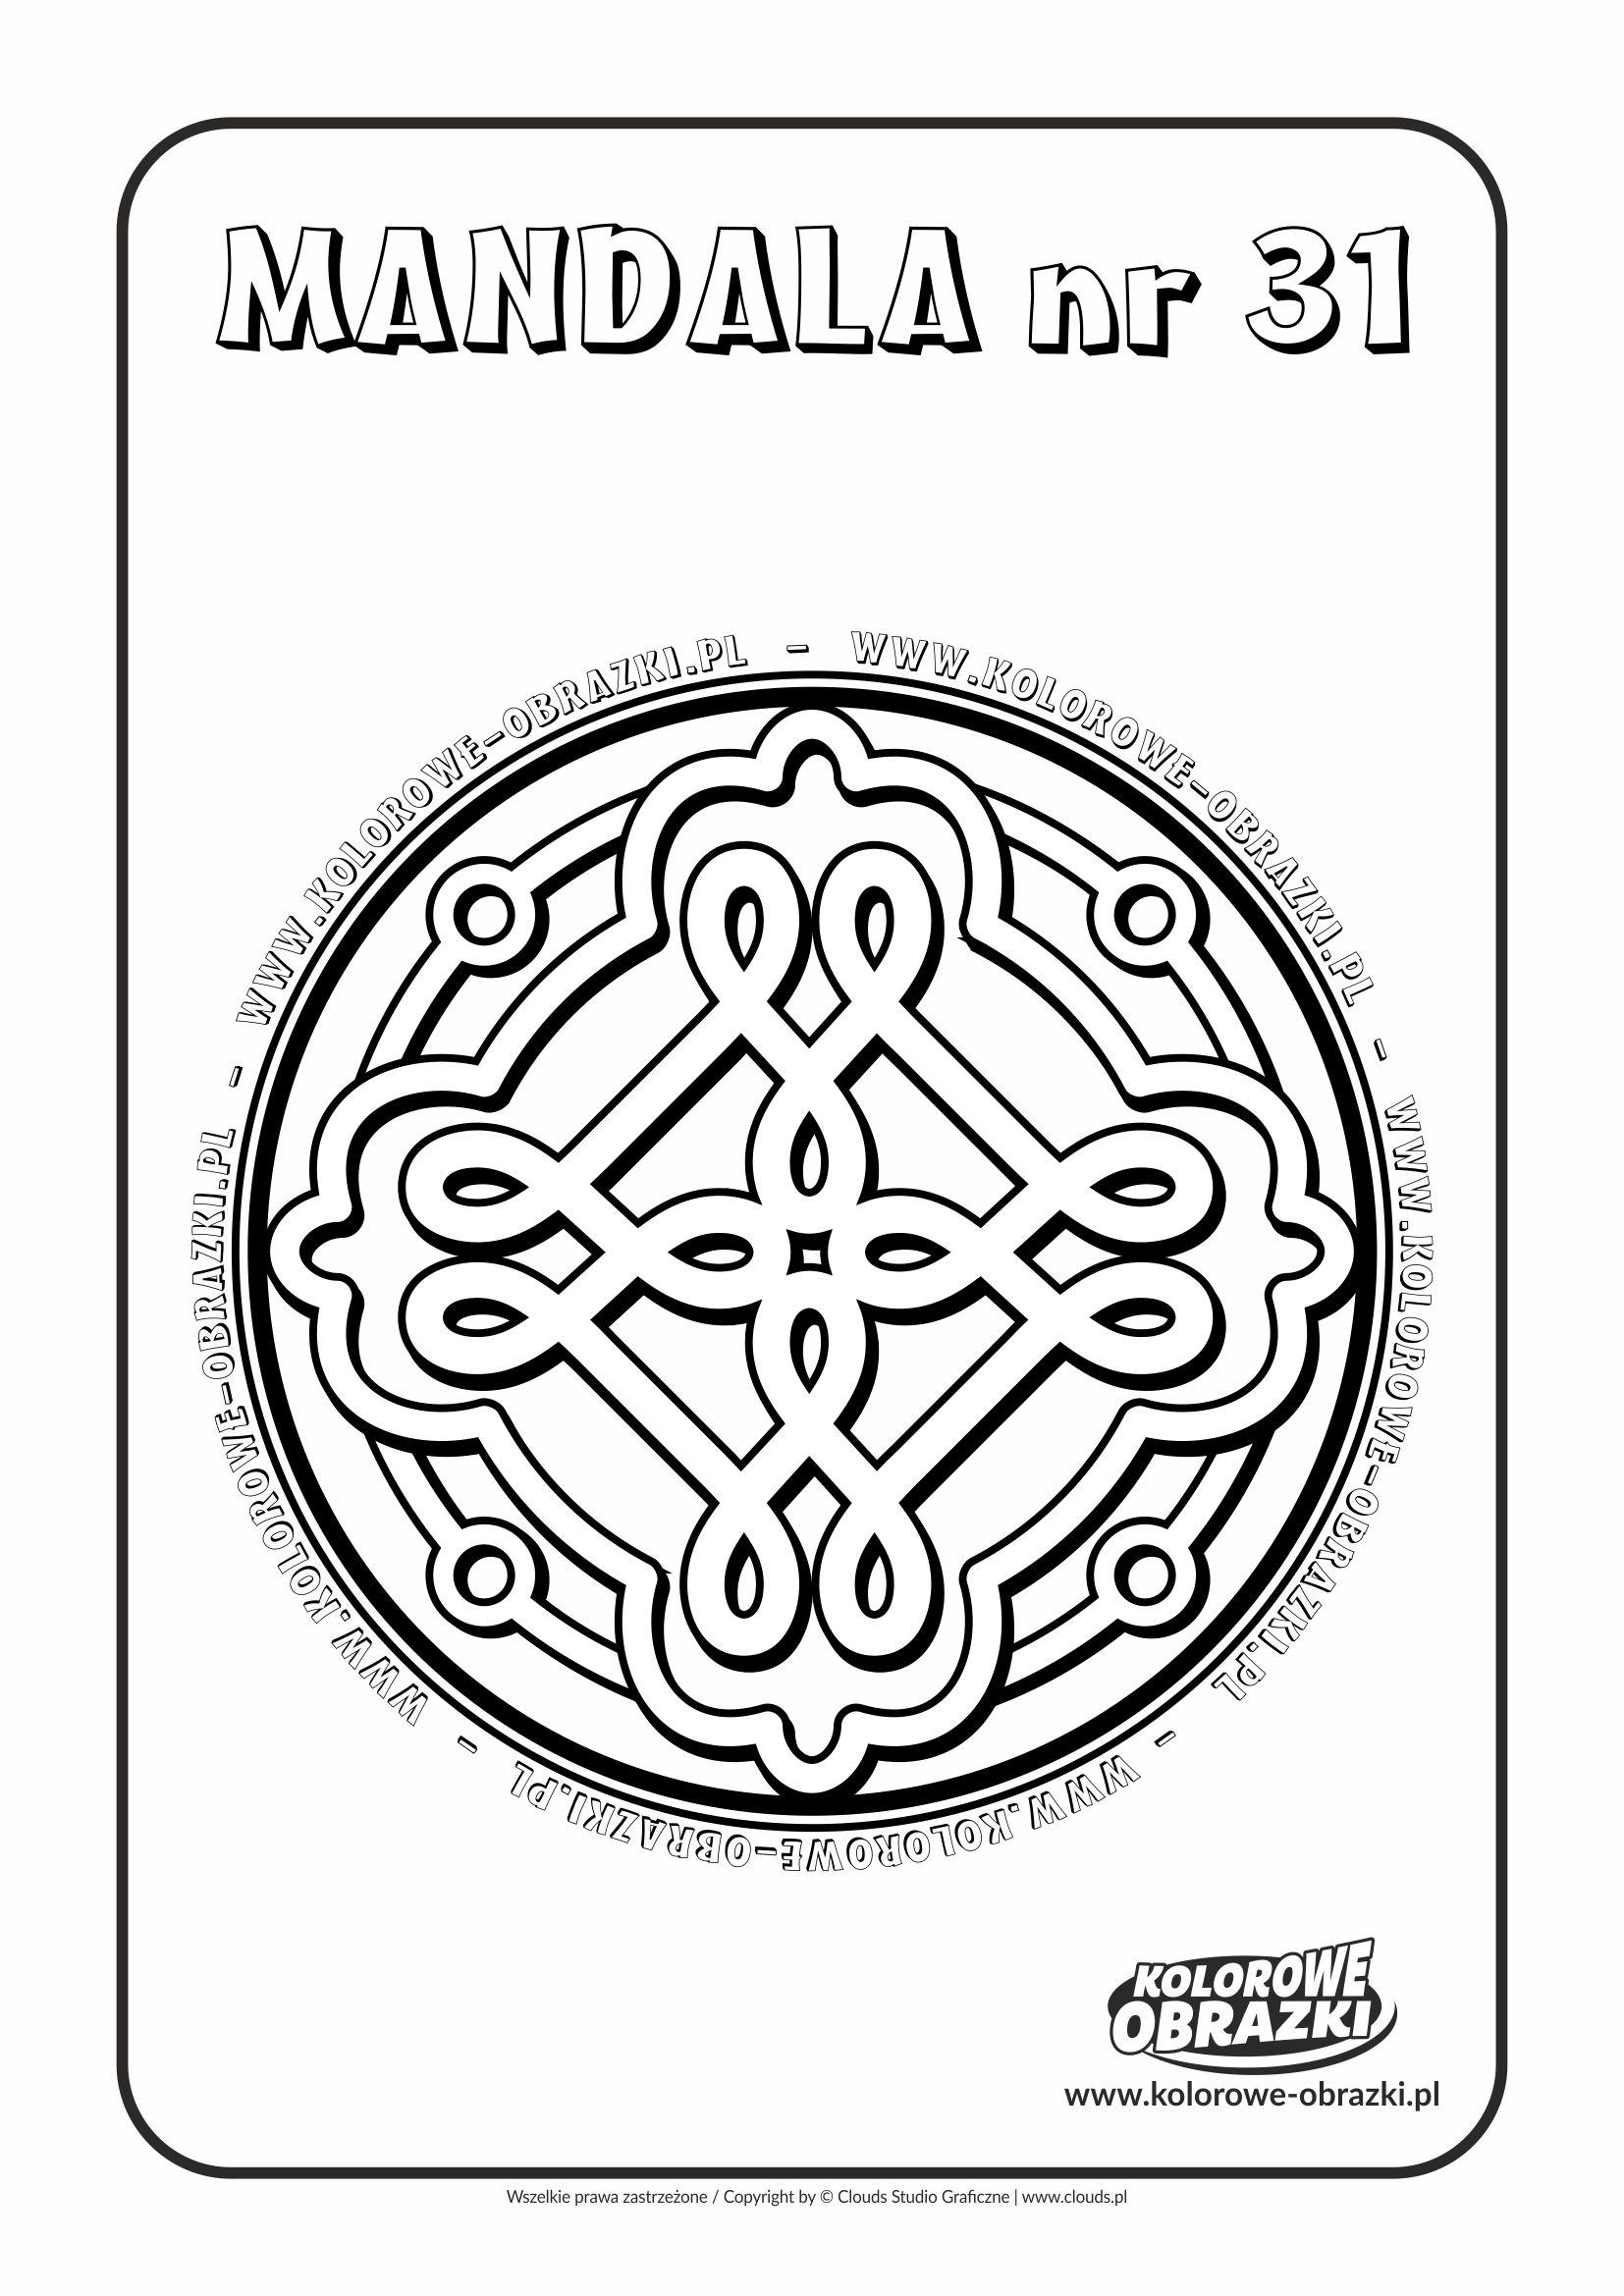 Kolorowanki dla dzieci - Mandale / Mandala nr 31. Kolorowanka z mandalą